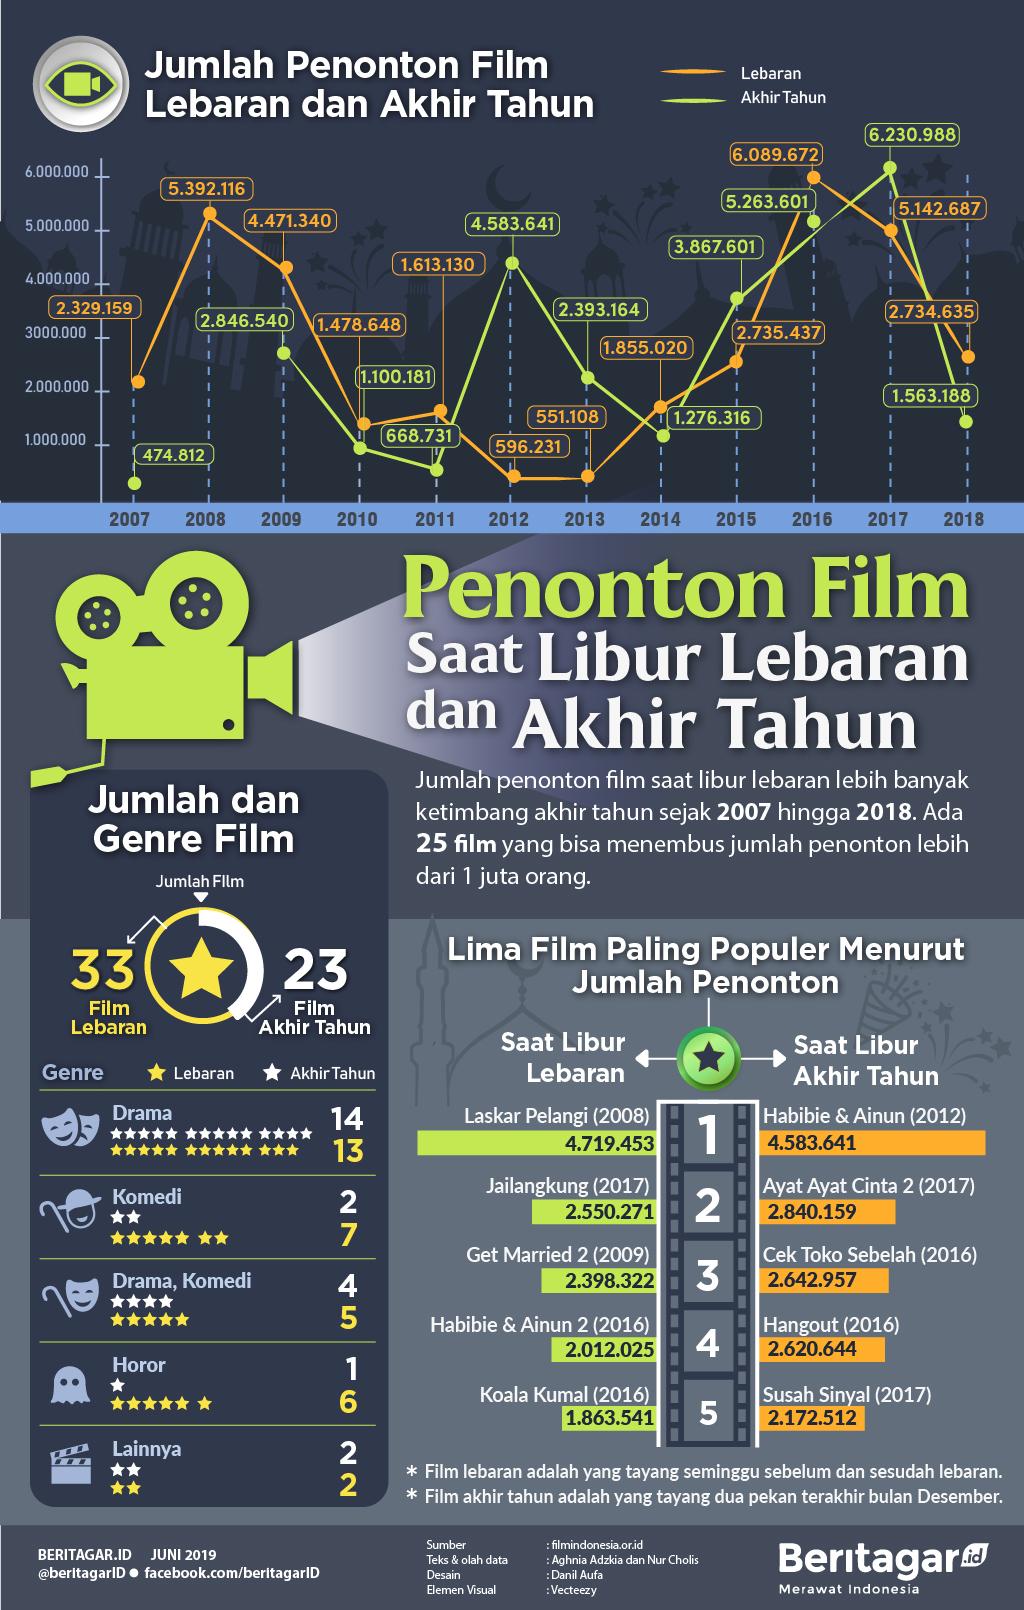 Infografis Penonton Film saat Libur Lebaran dan Akhir Tahun